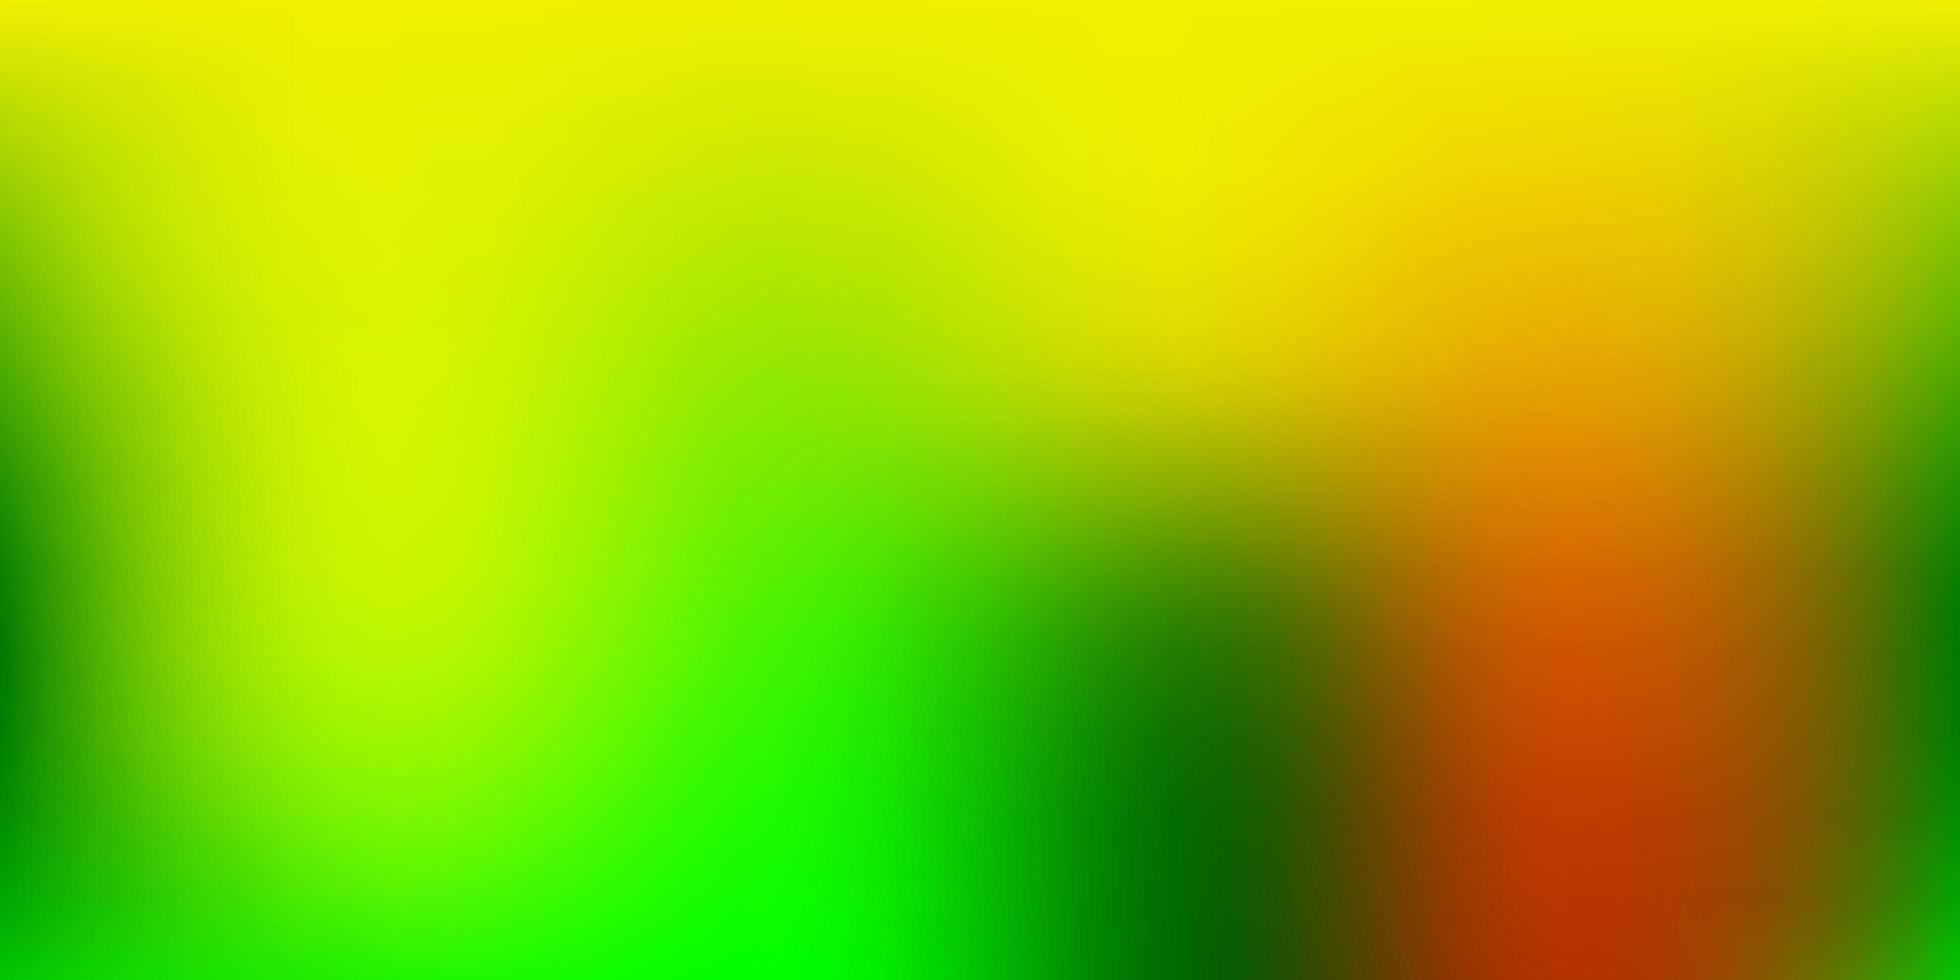 ljusgrönt, gult suddigt mönster. vektor